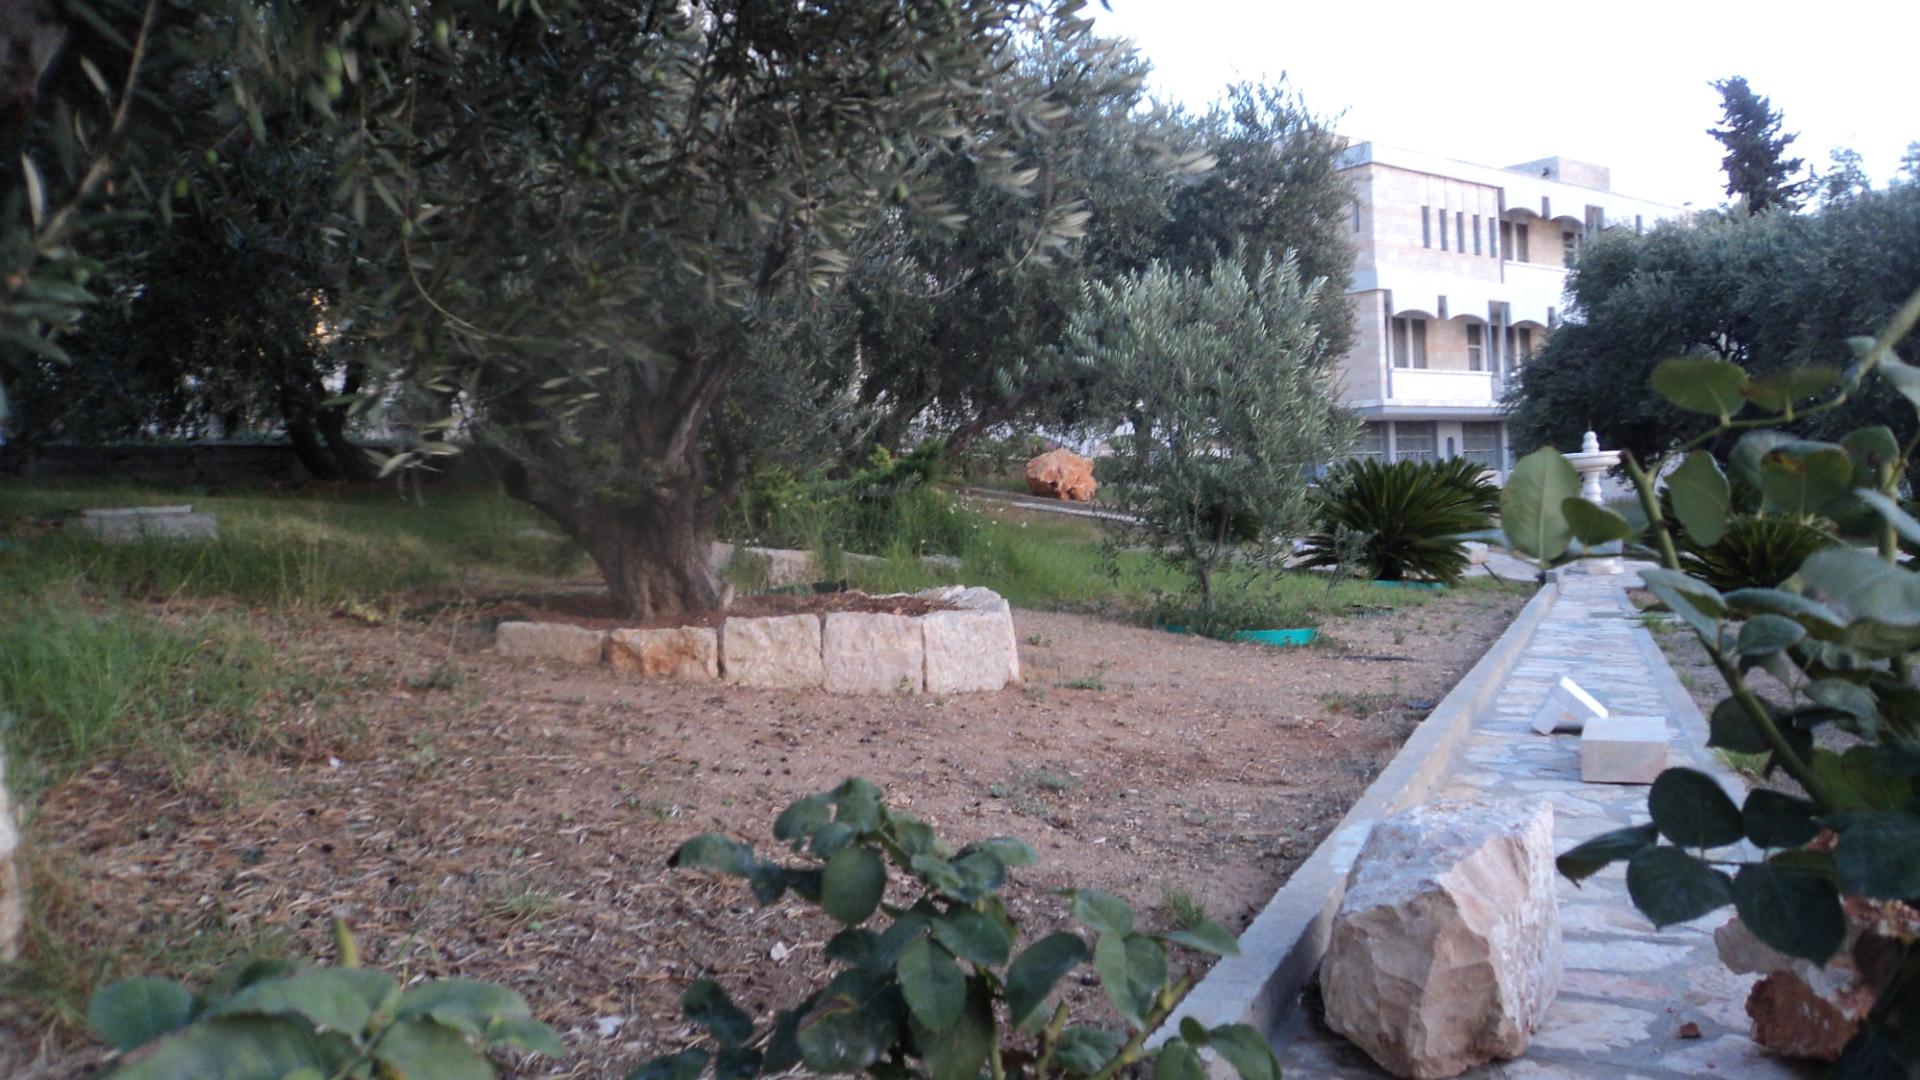 Giardino Di Una Casa file:giardino della casa - panoramio - wikimedia commons